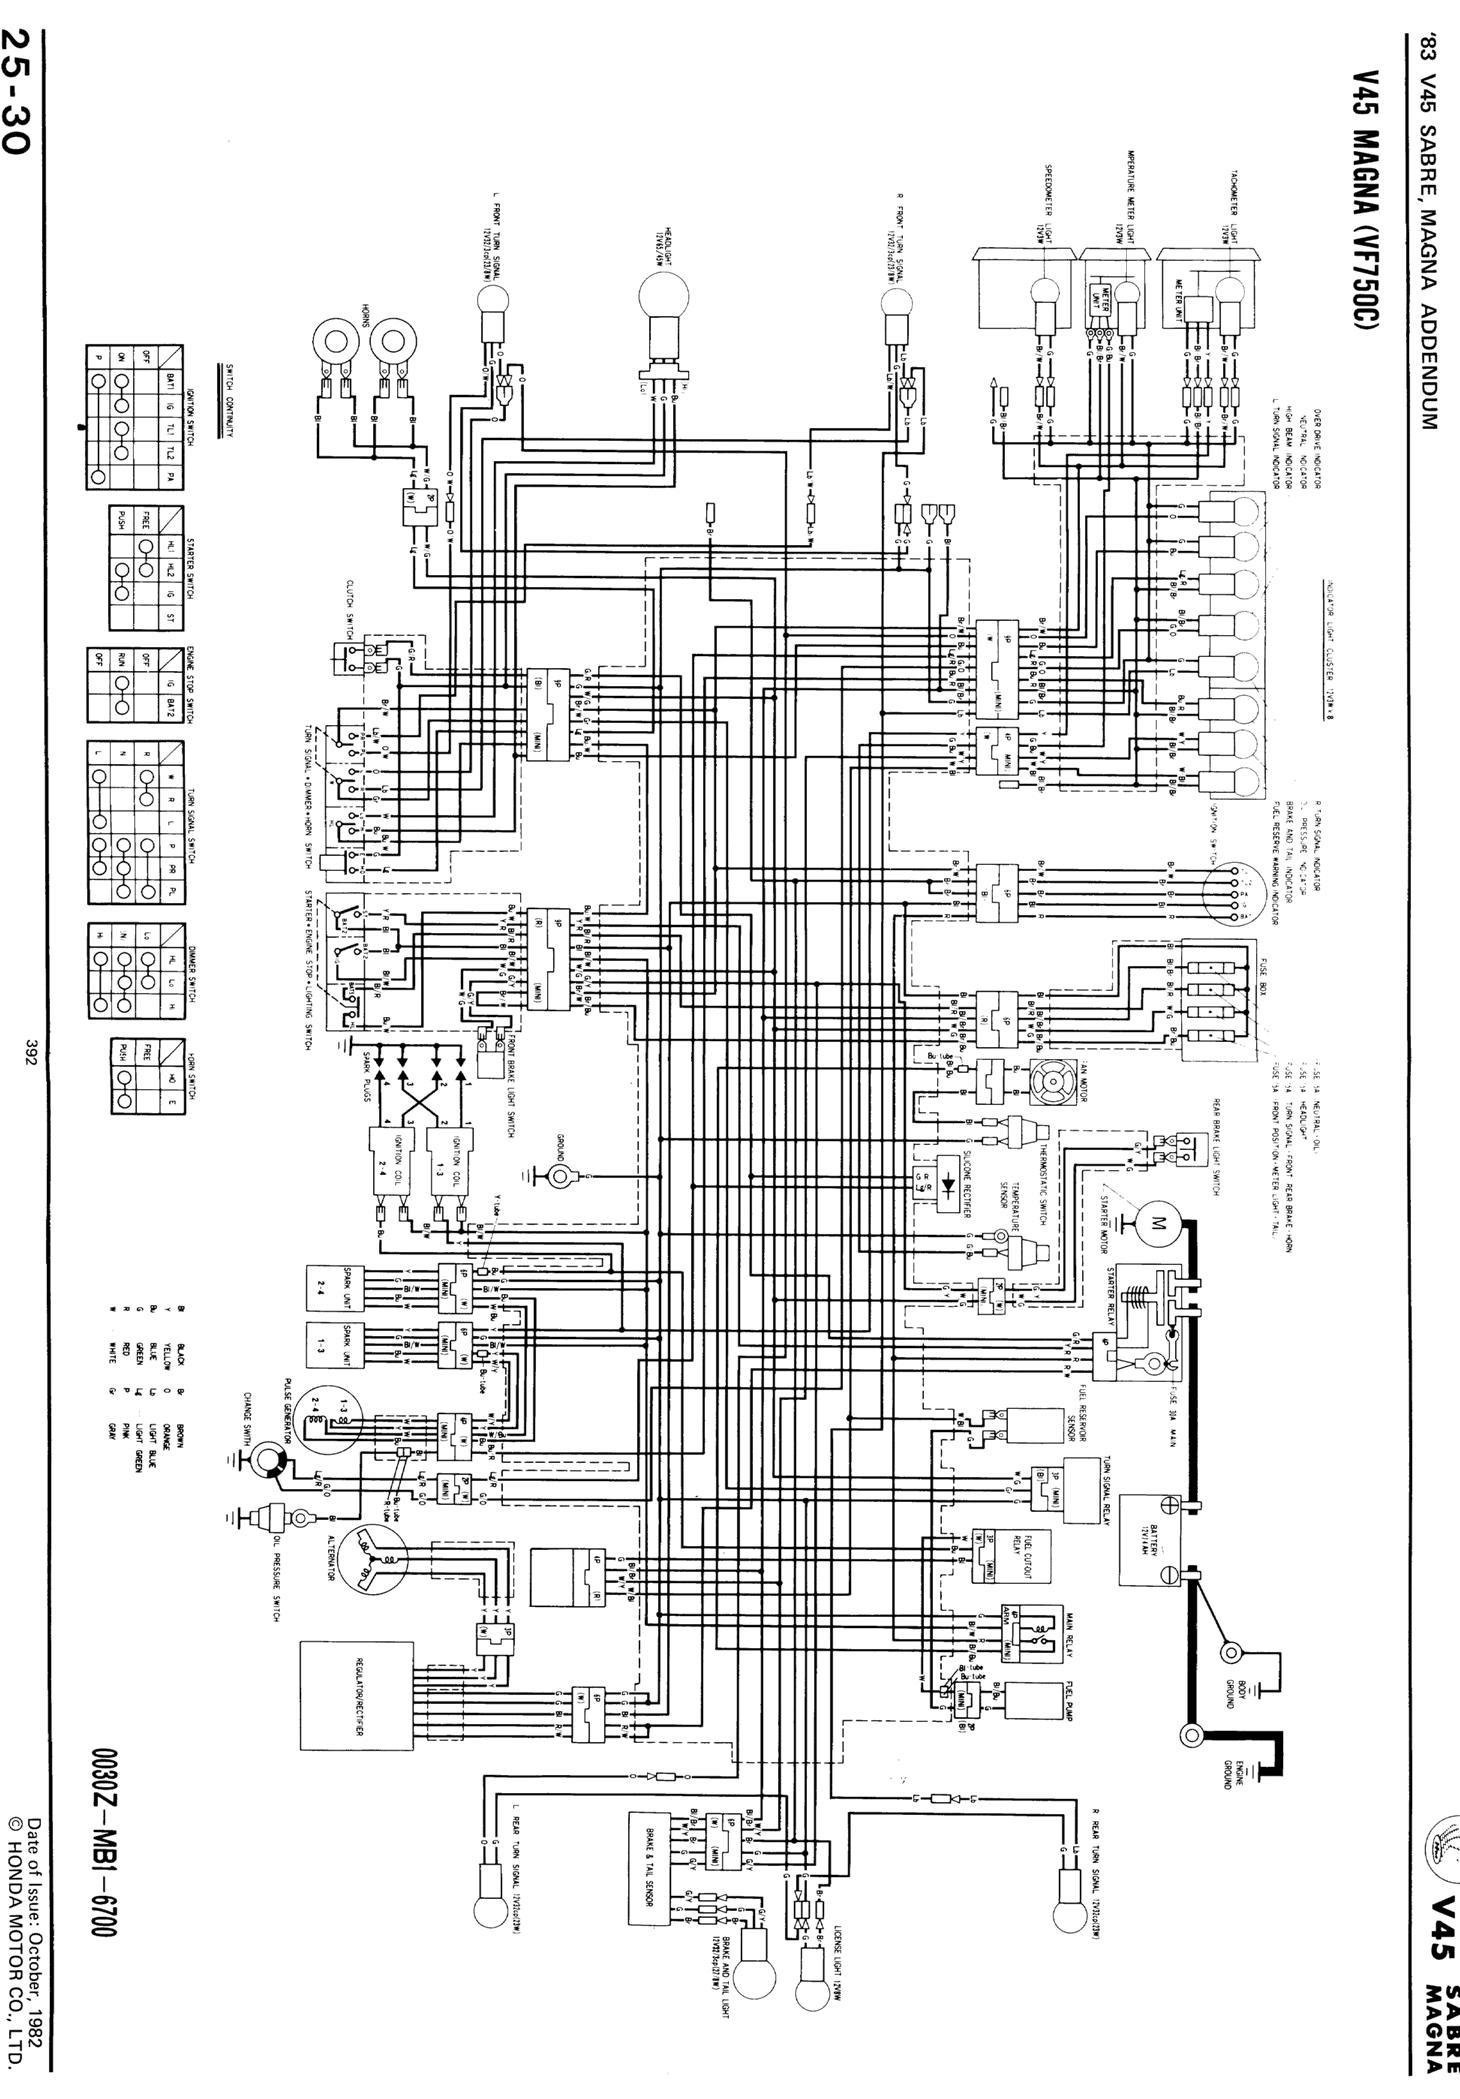 motorcycle honda shadow wiring diagram ay 1553  honda shadow 750 wiring diagram manual engine schematics  honda shadow 750 wiring diagram manual